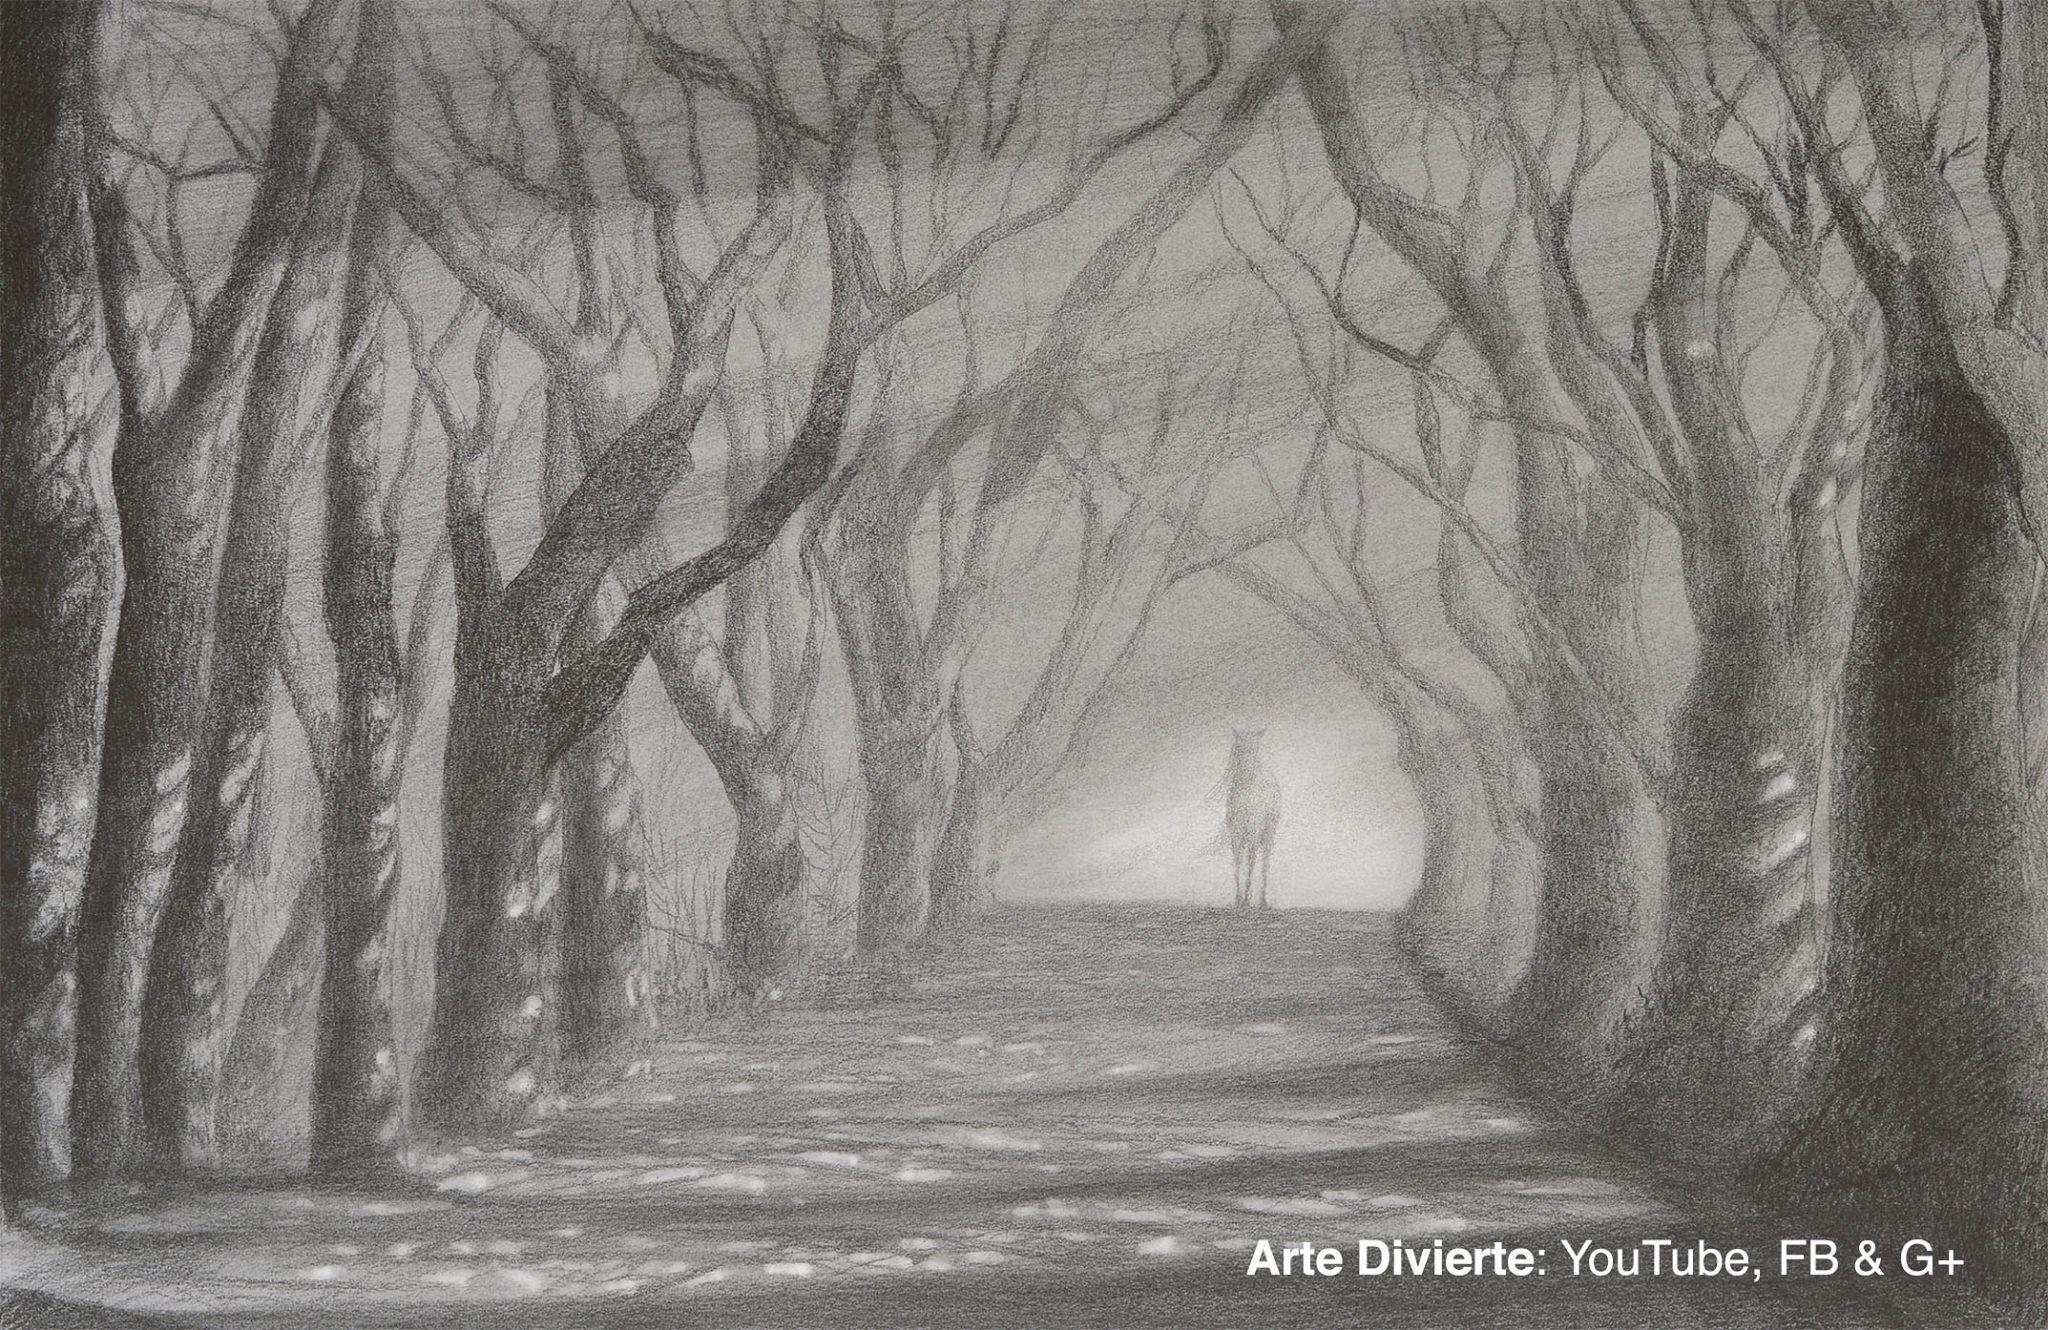 Como Dibujar Un Camino Con Arboles Sol Y Sombra A Lapiz Arte Dibujo Artedivierte Caminoconarboles Solysombra Tree Drawing Realistic Drawings Landscape